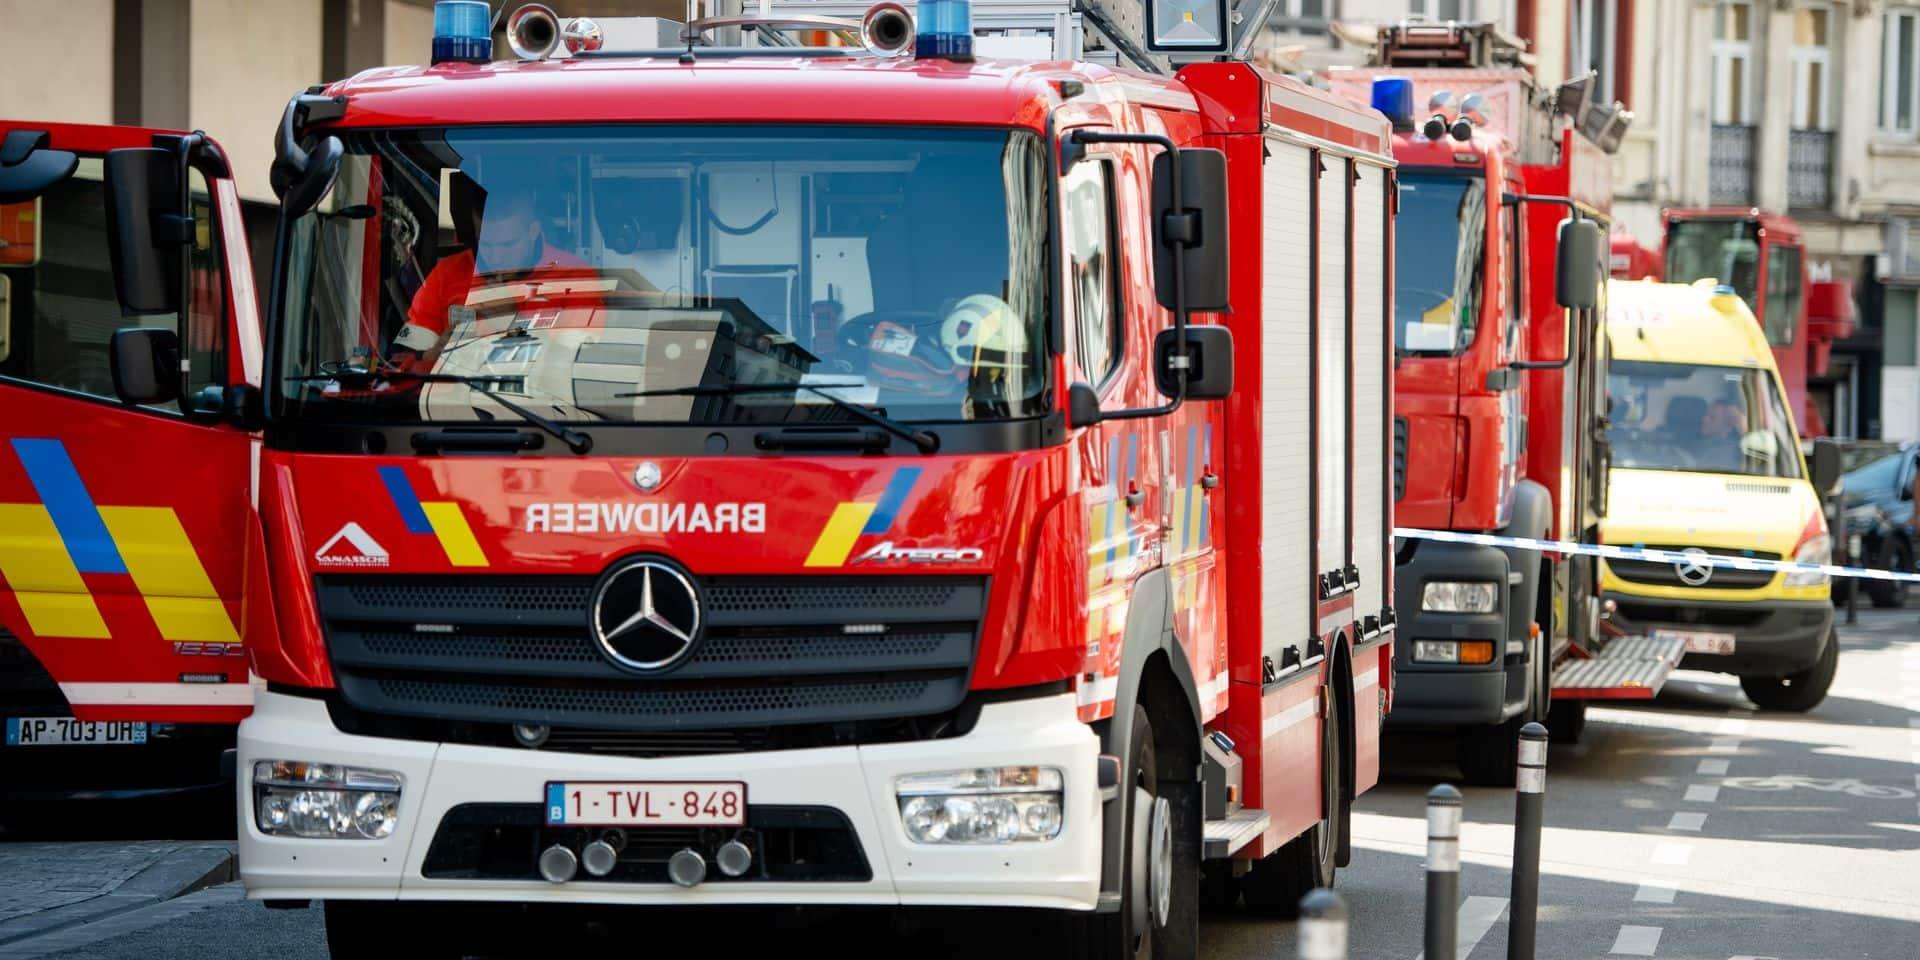 Incendie en sous-sol dans un immeuble à appartements de Molenbeek-saint-Jean, le plan d'urgence communal enclenché